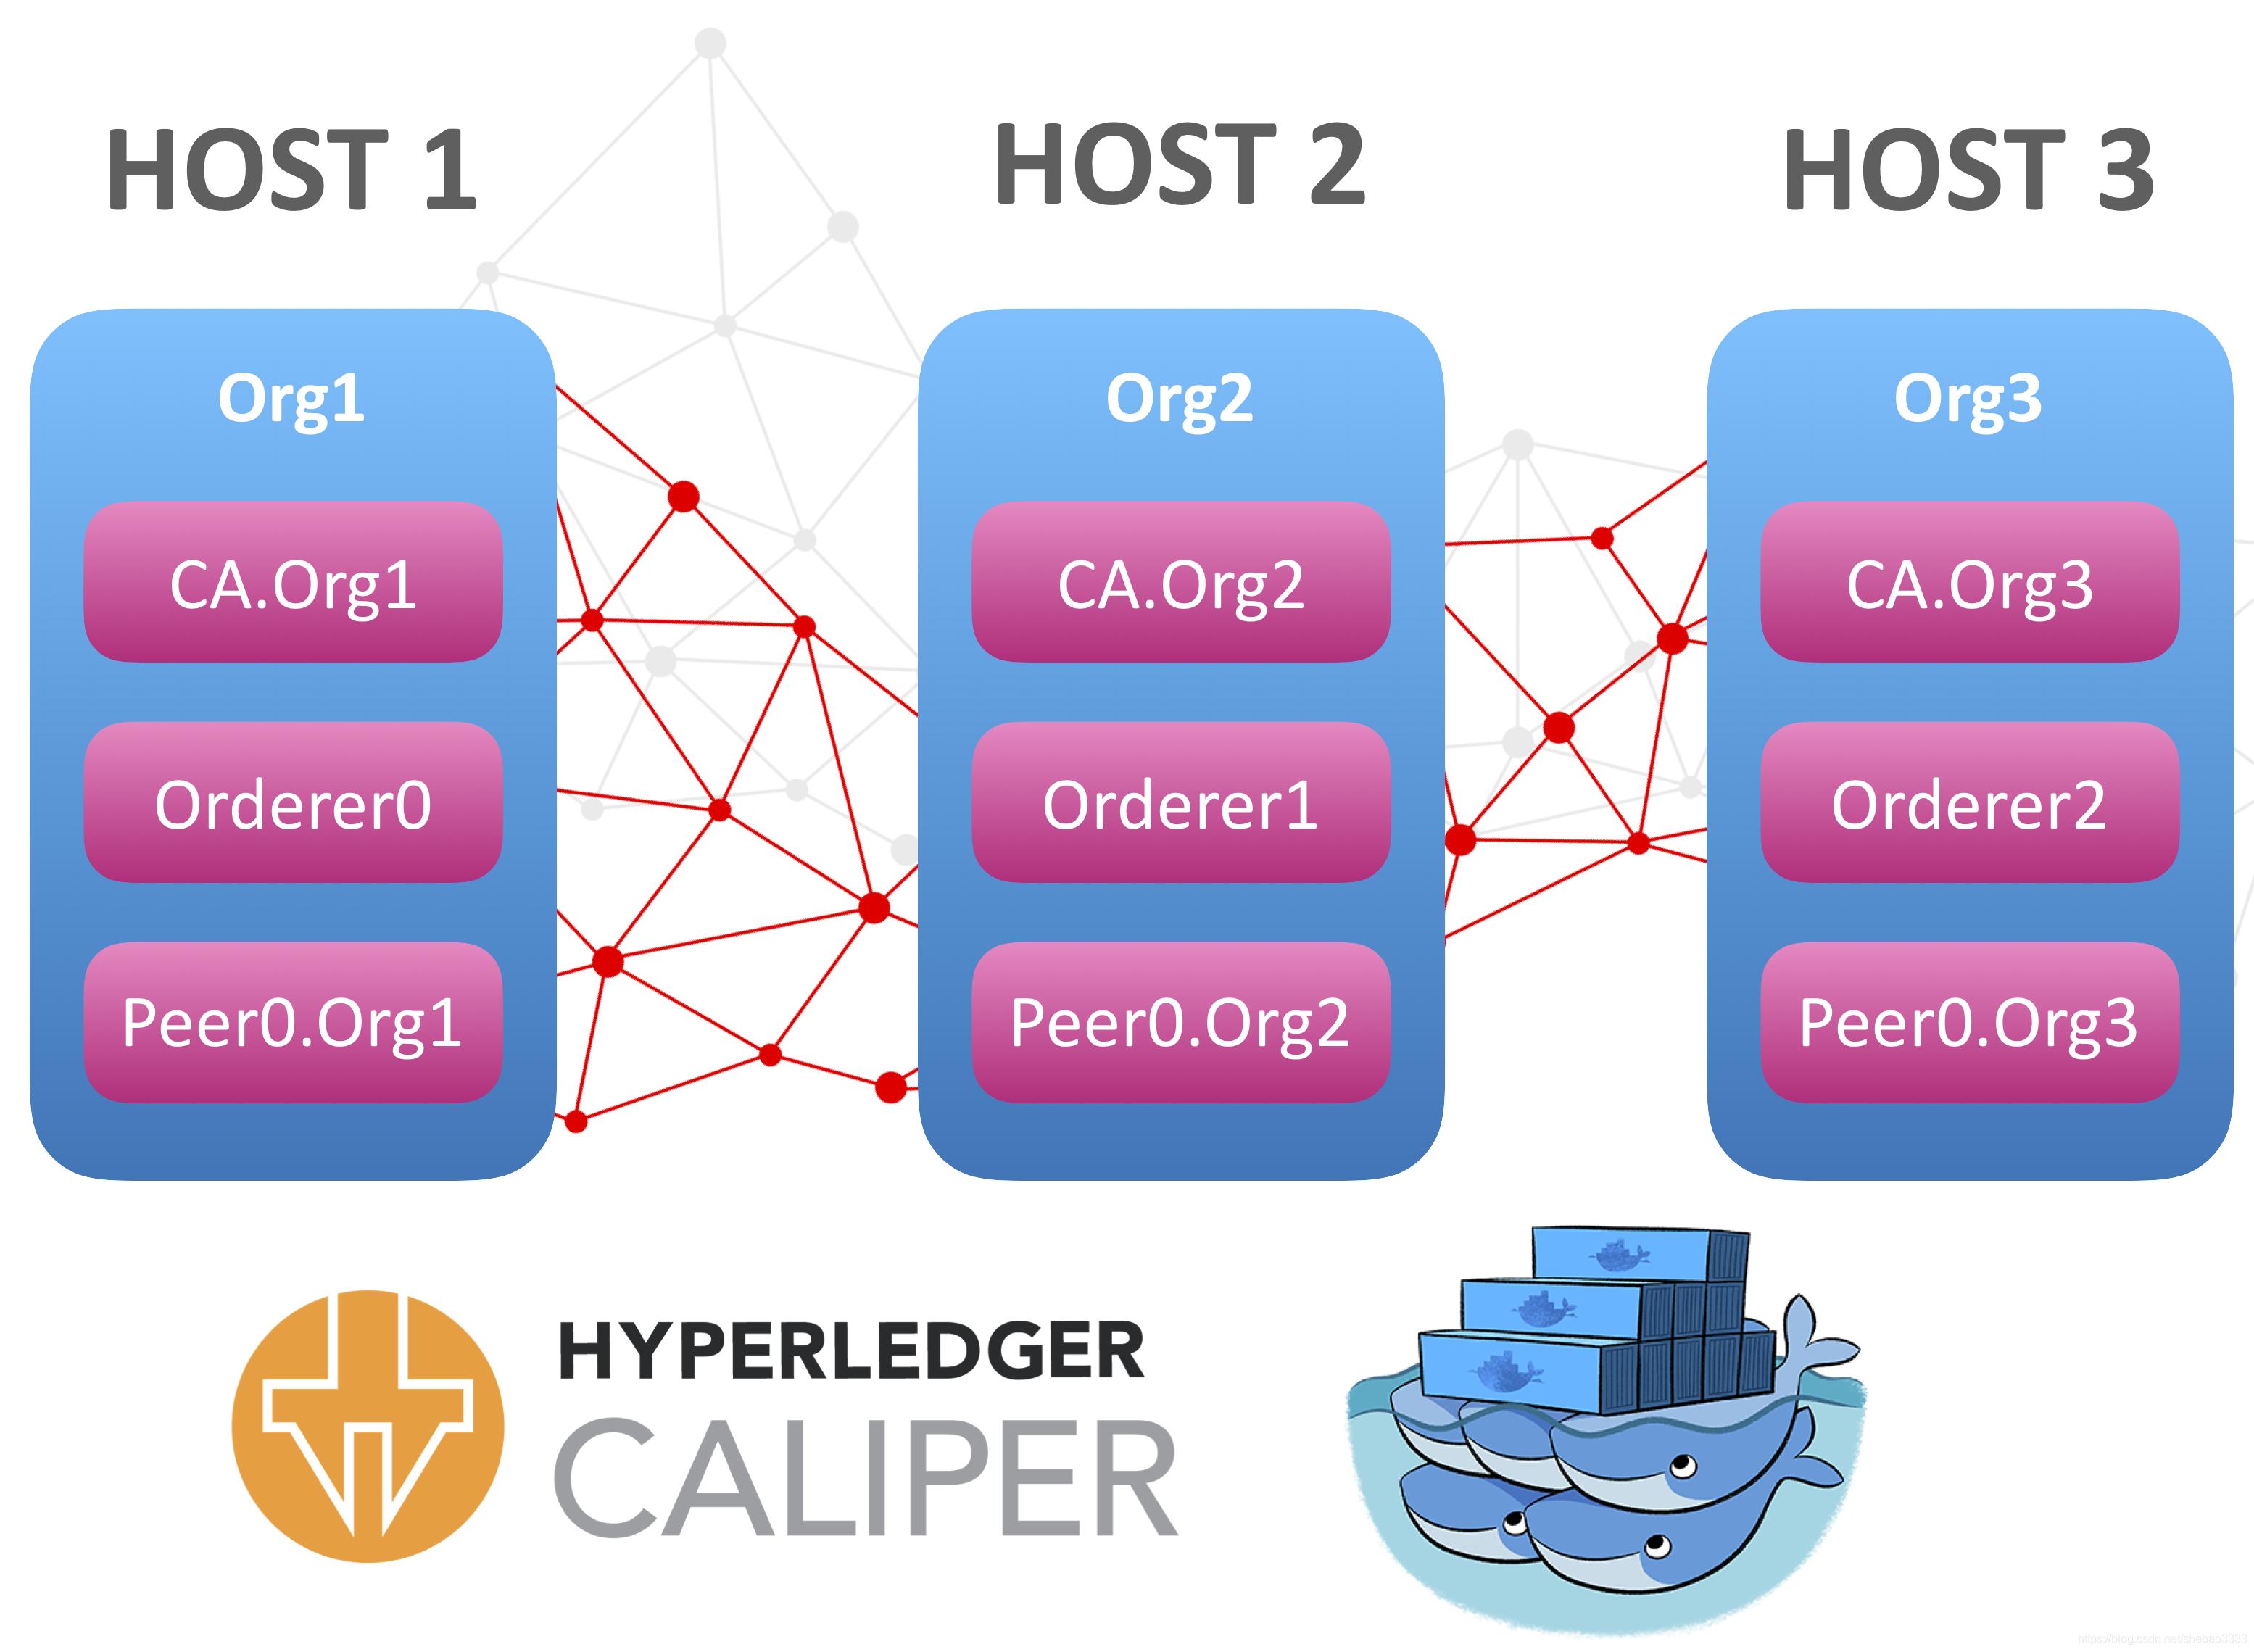 [外链图片转存失败,源站可能有防盗链机制,建议将图片保存下来直接上传(img-judWLMPM-1583847370511)(hyperledger-caliper-multi-host/arch.png)]